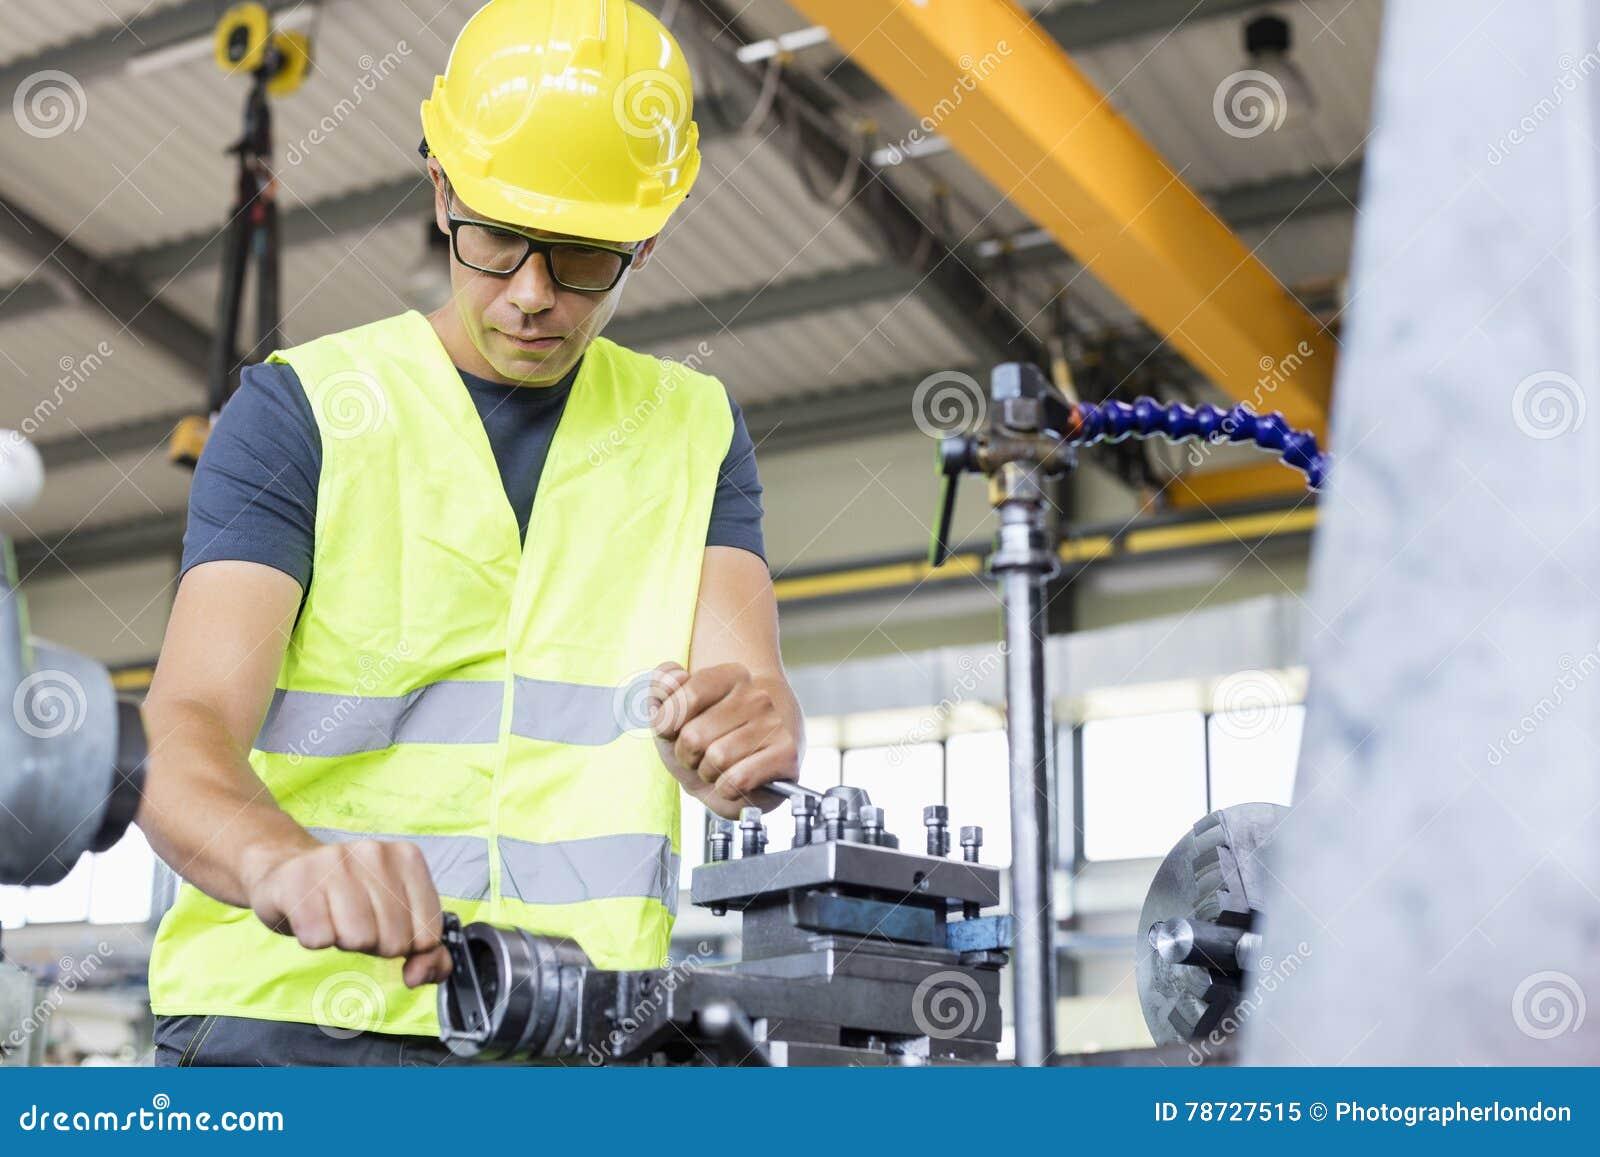 Sikt för låg vinkel av fungerande maskineri för mitt- vuxen arbetare i metallbransch